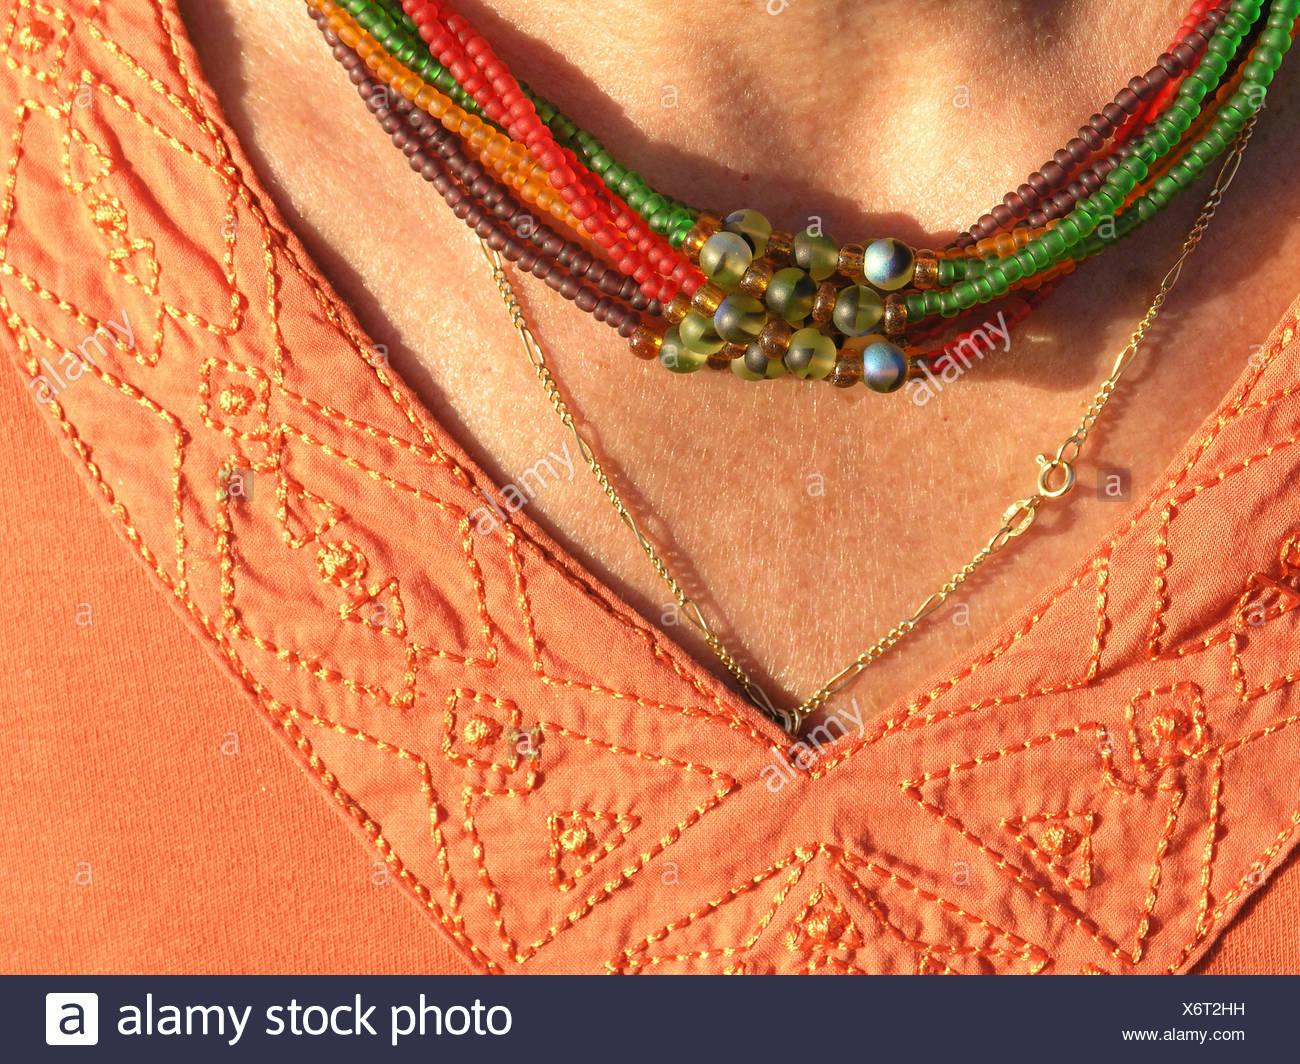 8bc02ce279e0 Mujer cuerpo detalle detalle cuello cadena escote joyas Joyas joyas collar  de clivaje necklet Imagen De